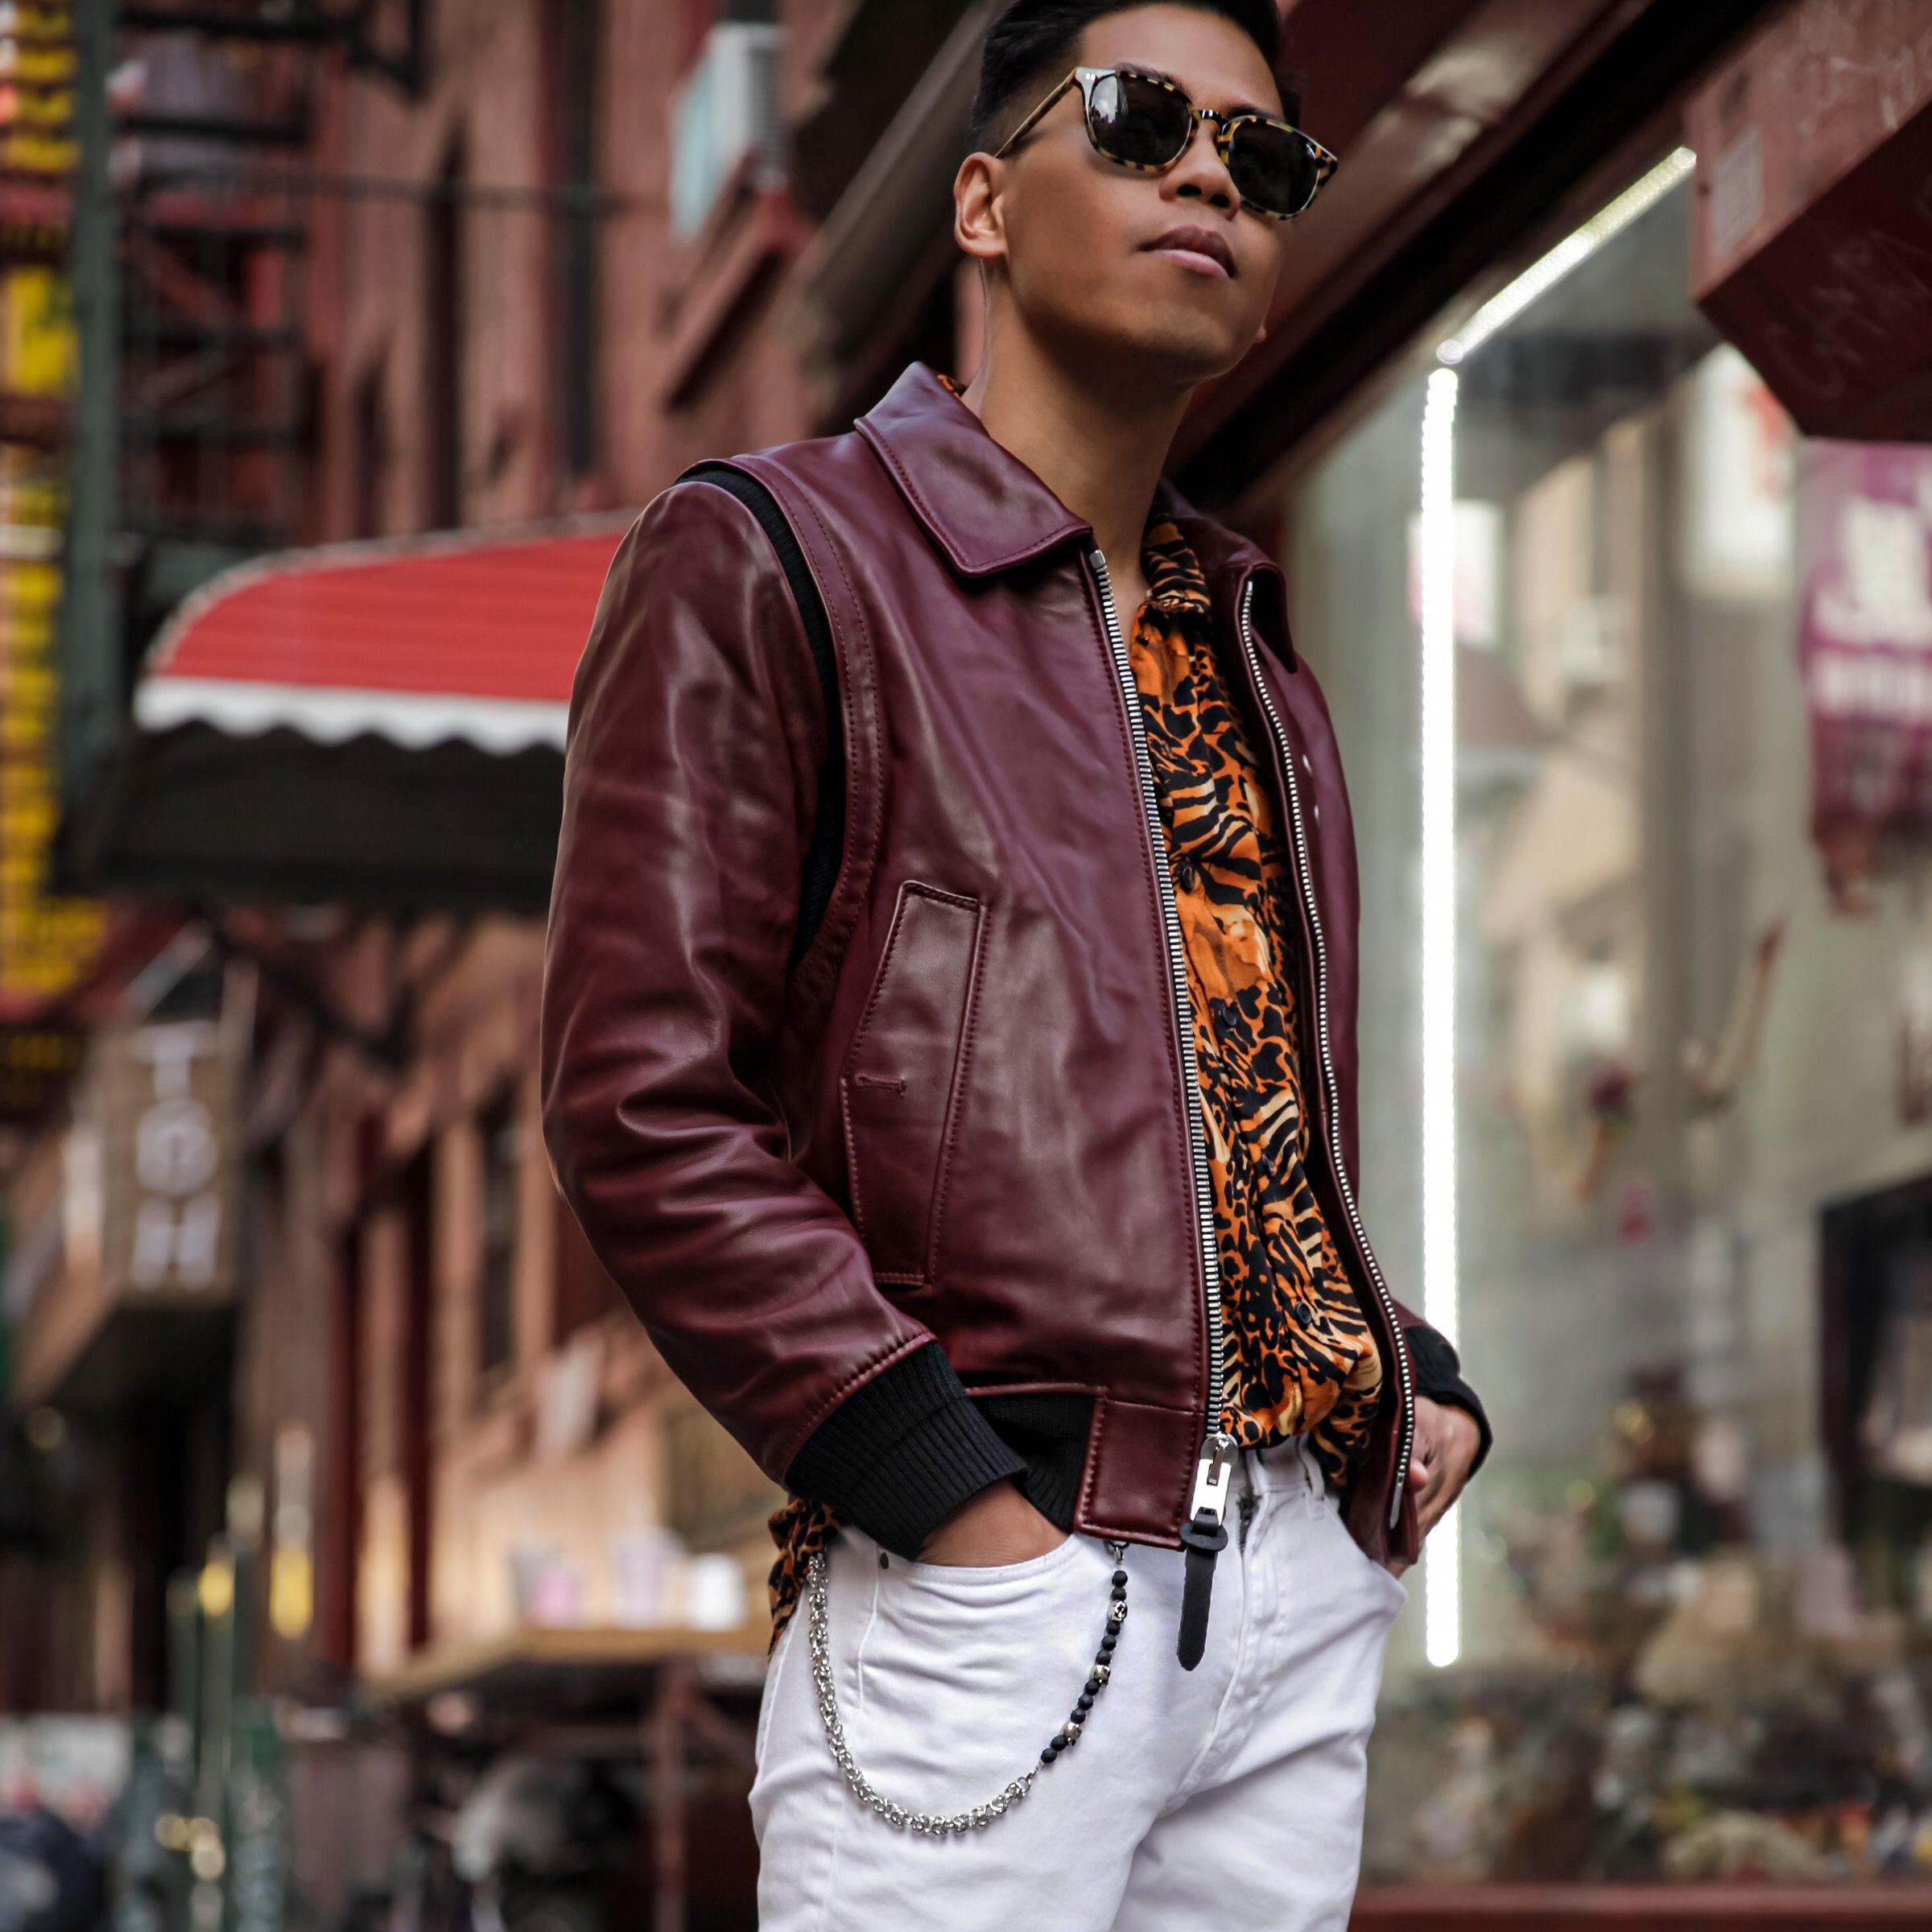 Coach Mens Ss17 Jacket Street Style Blogger Blogger Street Style Leather Bomber Jacket Street Style [ 2400 x 2400 Pixel ]